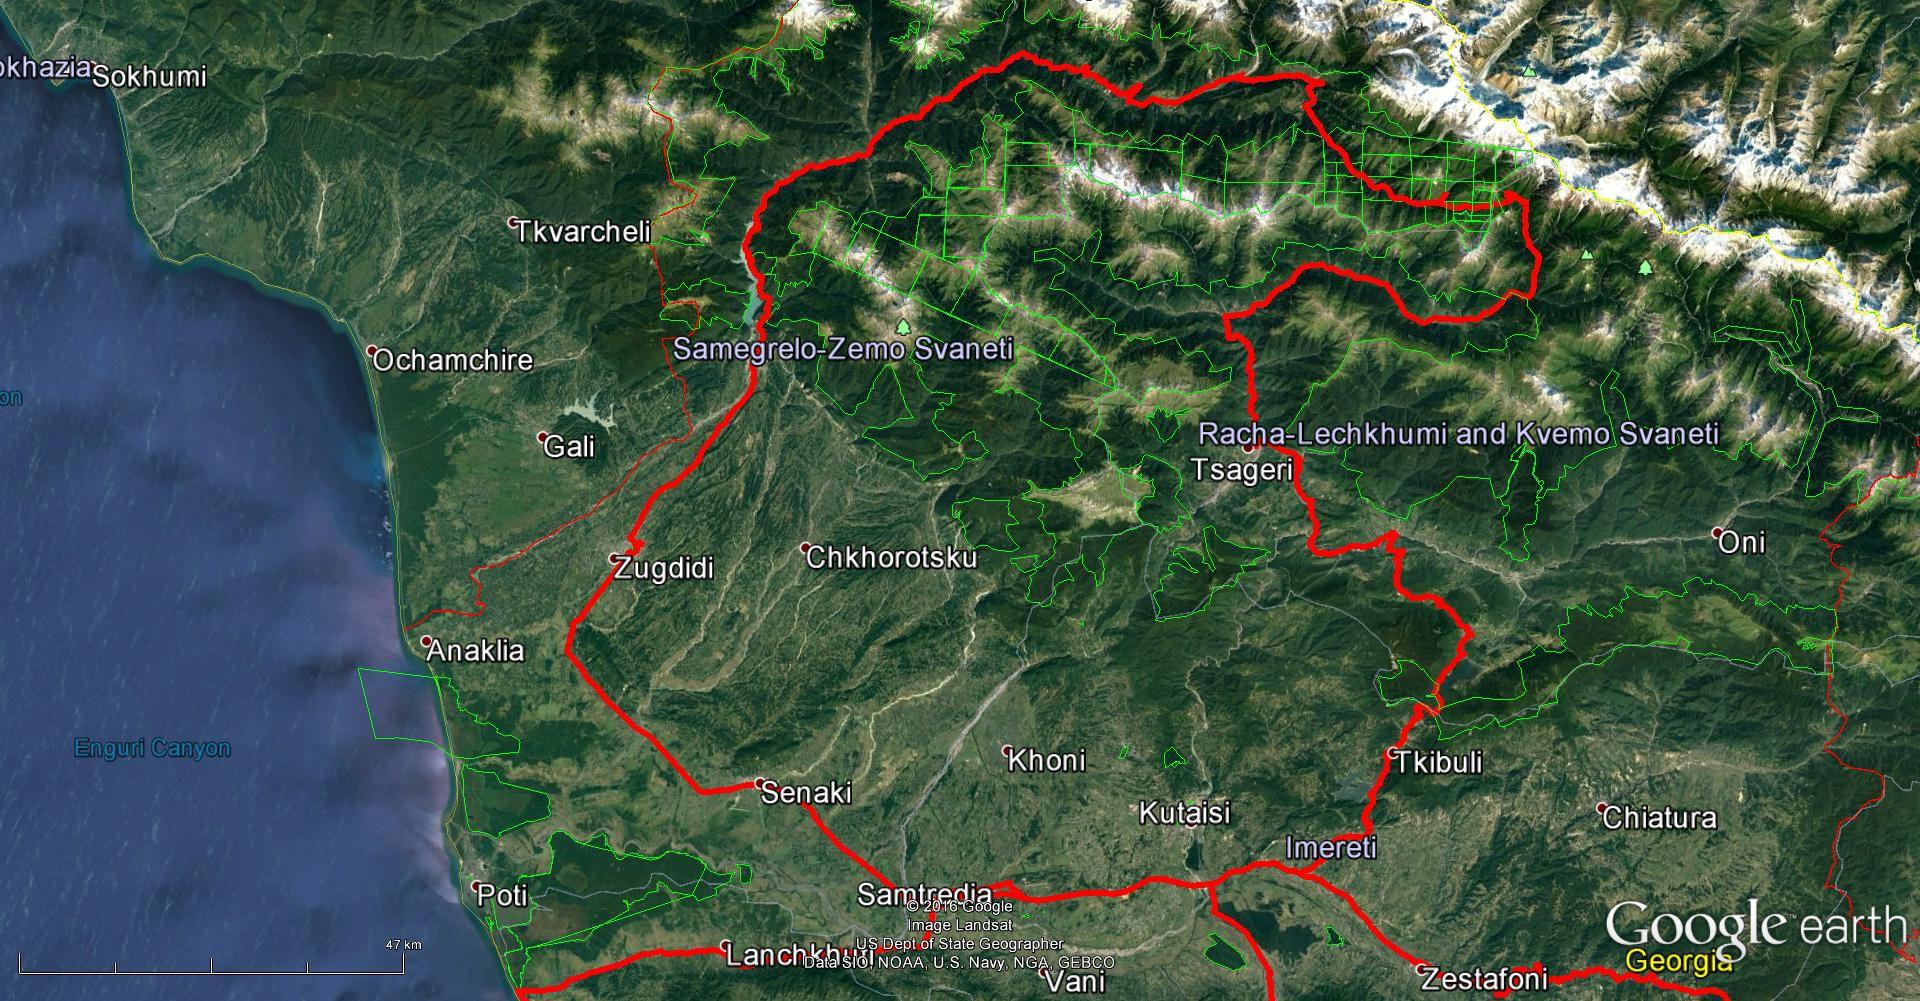 آخالت سیخه کجاست - مسیر زمینی به آخالت سیخه - گرجستان - تابستان 1395